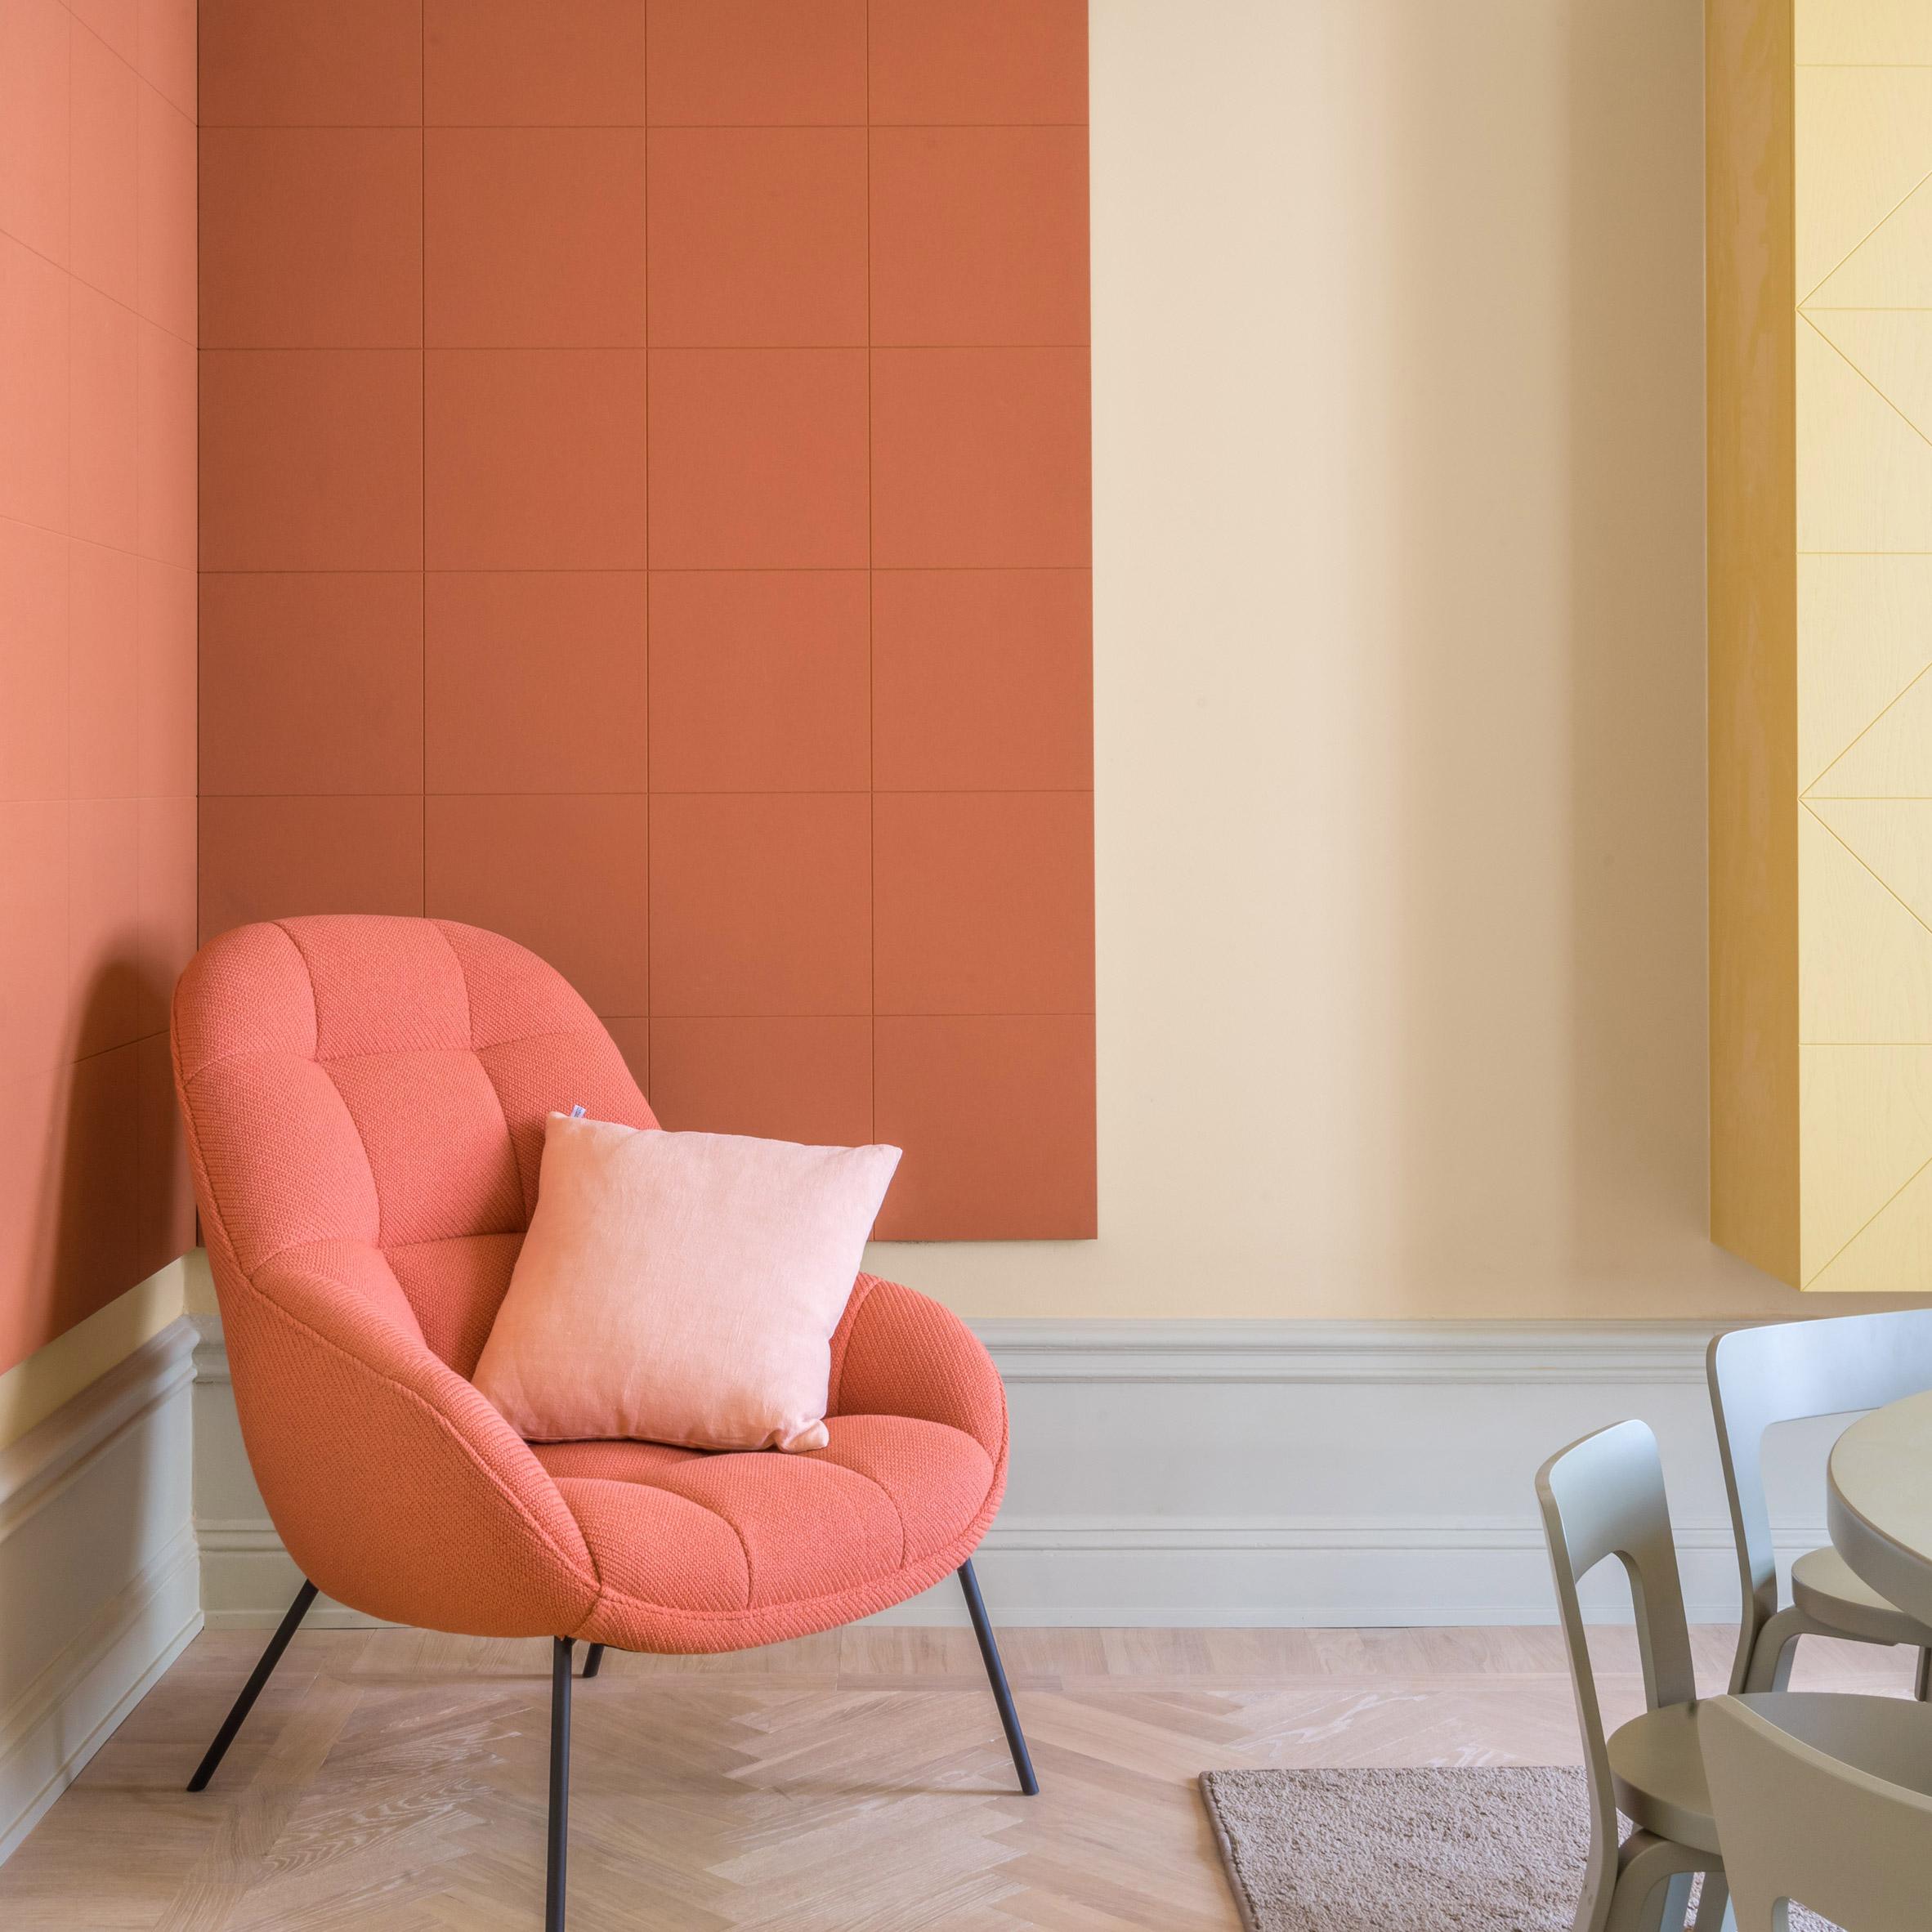 apartmentO NA SUÉCIA - Note Design Studio - FONTE: DEZEEN ARCHITECTURE AND DESIGN MAGAZINE